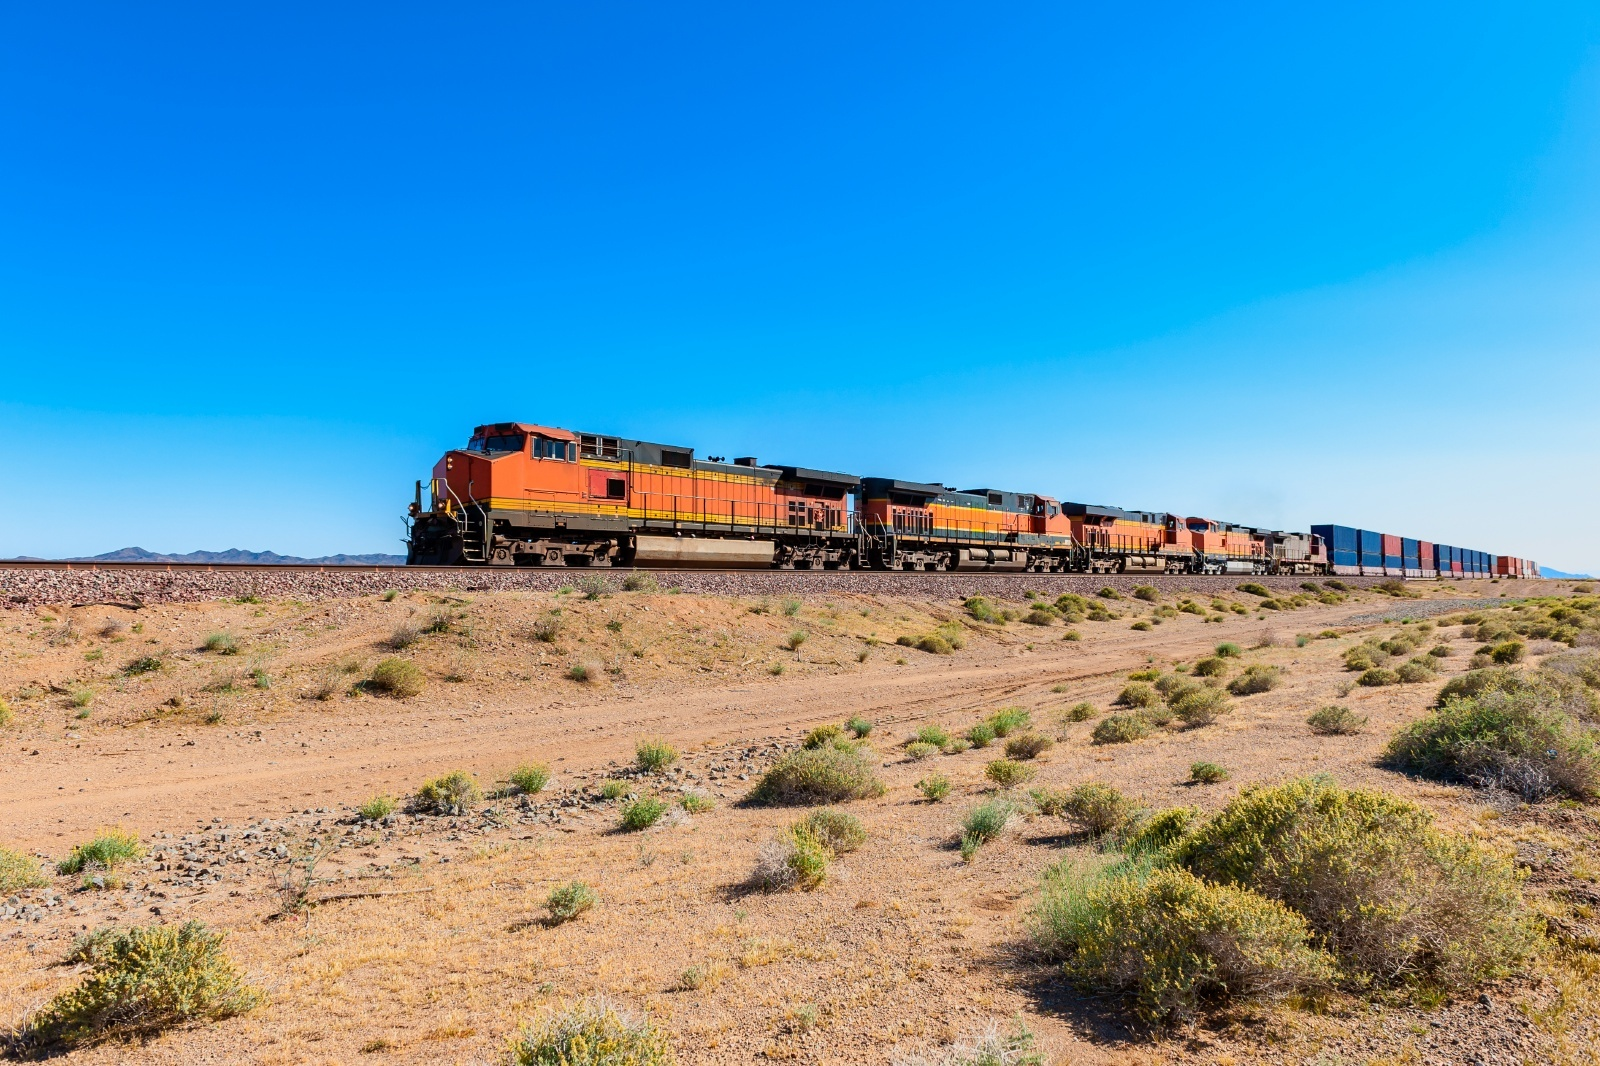 モハベ砂漠を行く貨物列車 アメリカの鉄道風景